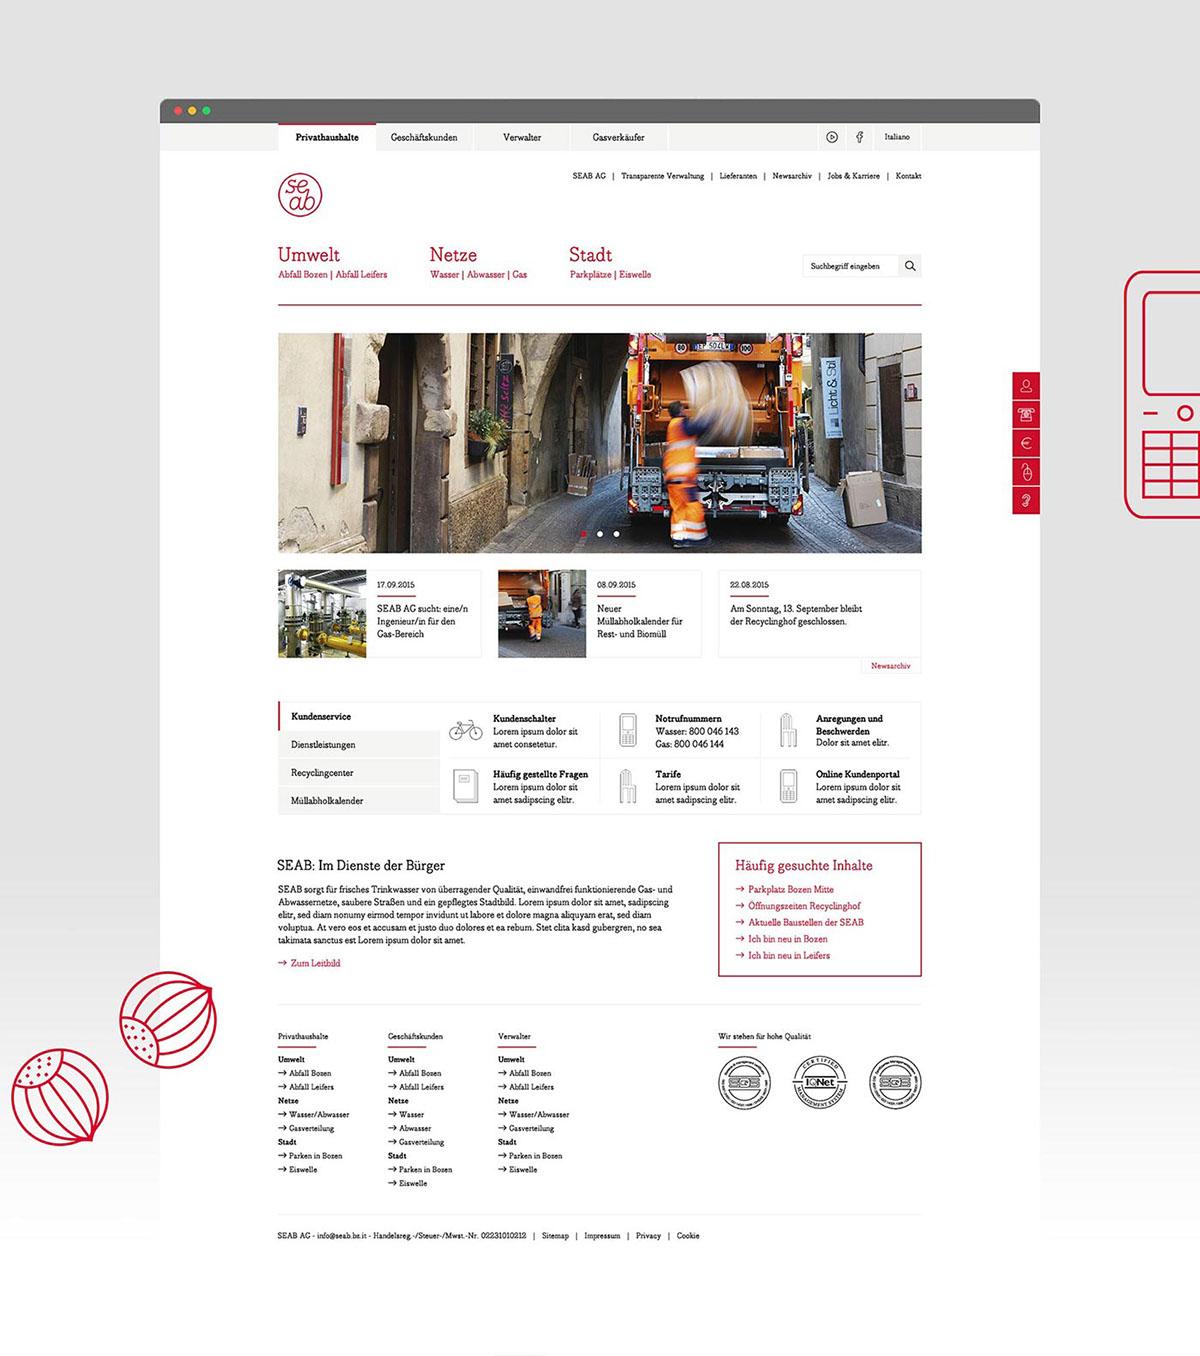 Webdesign südtirol Werbeagentur app Responsive design Designverliebt